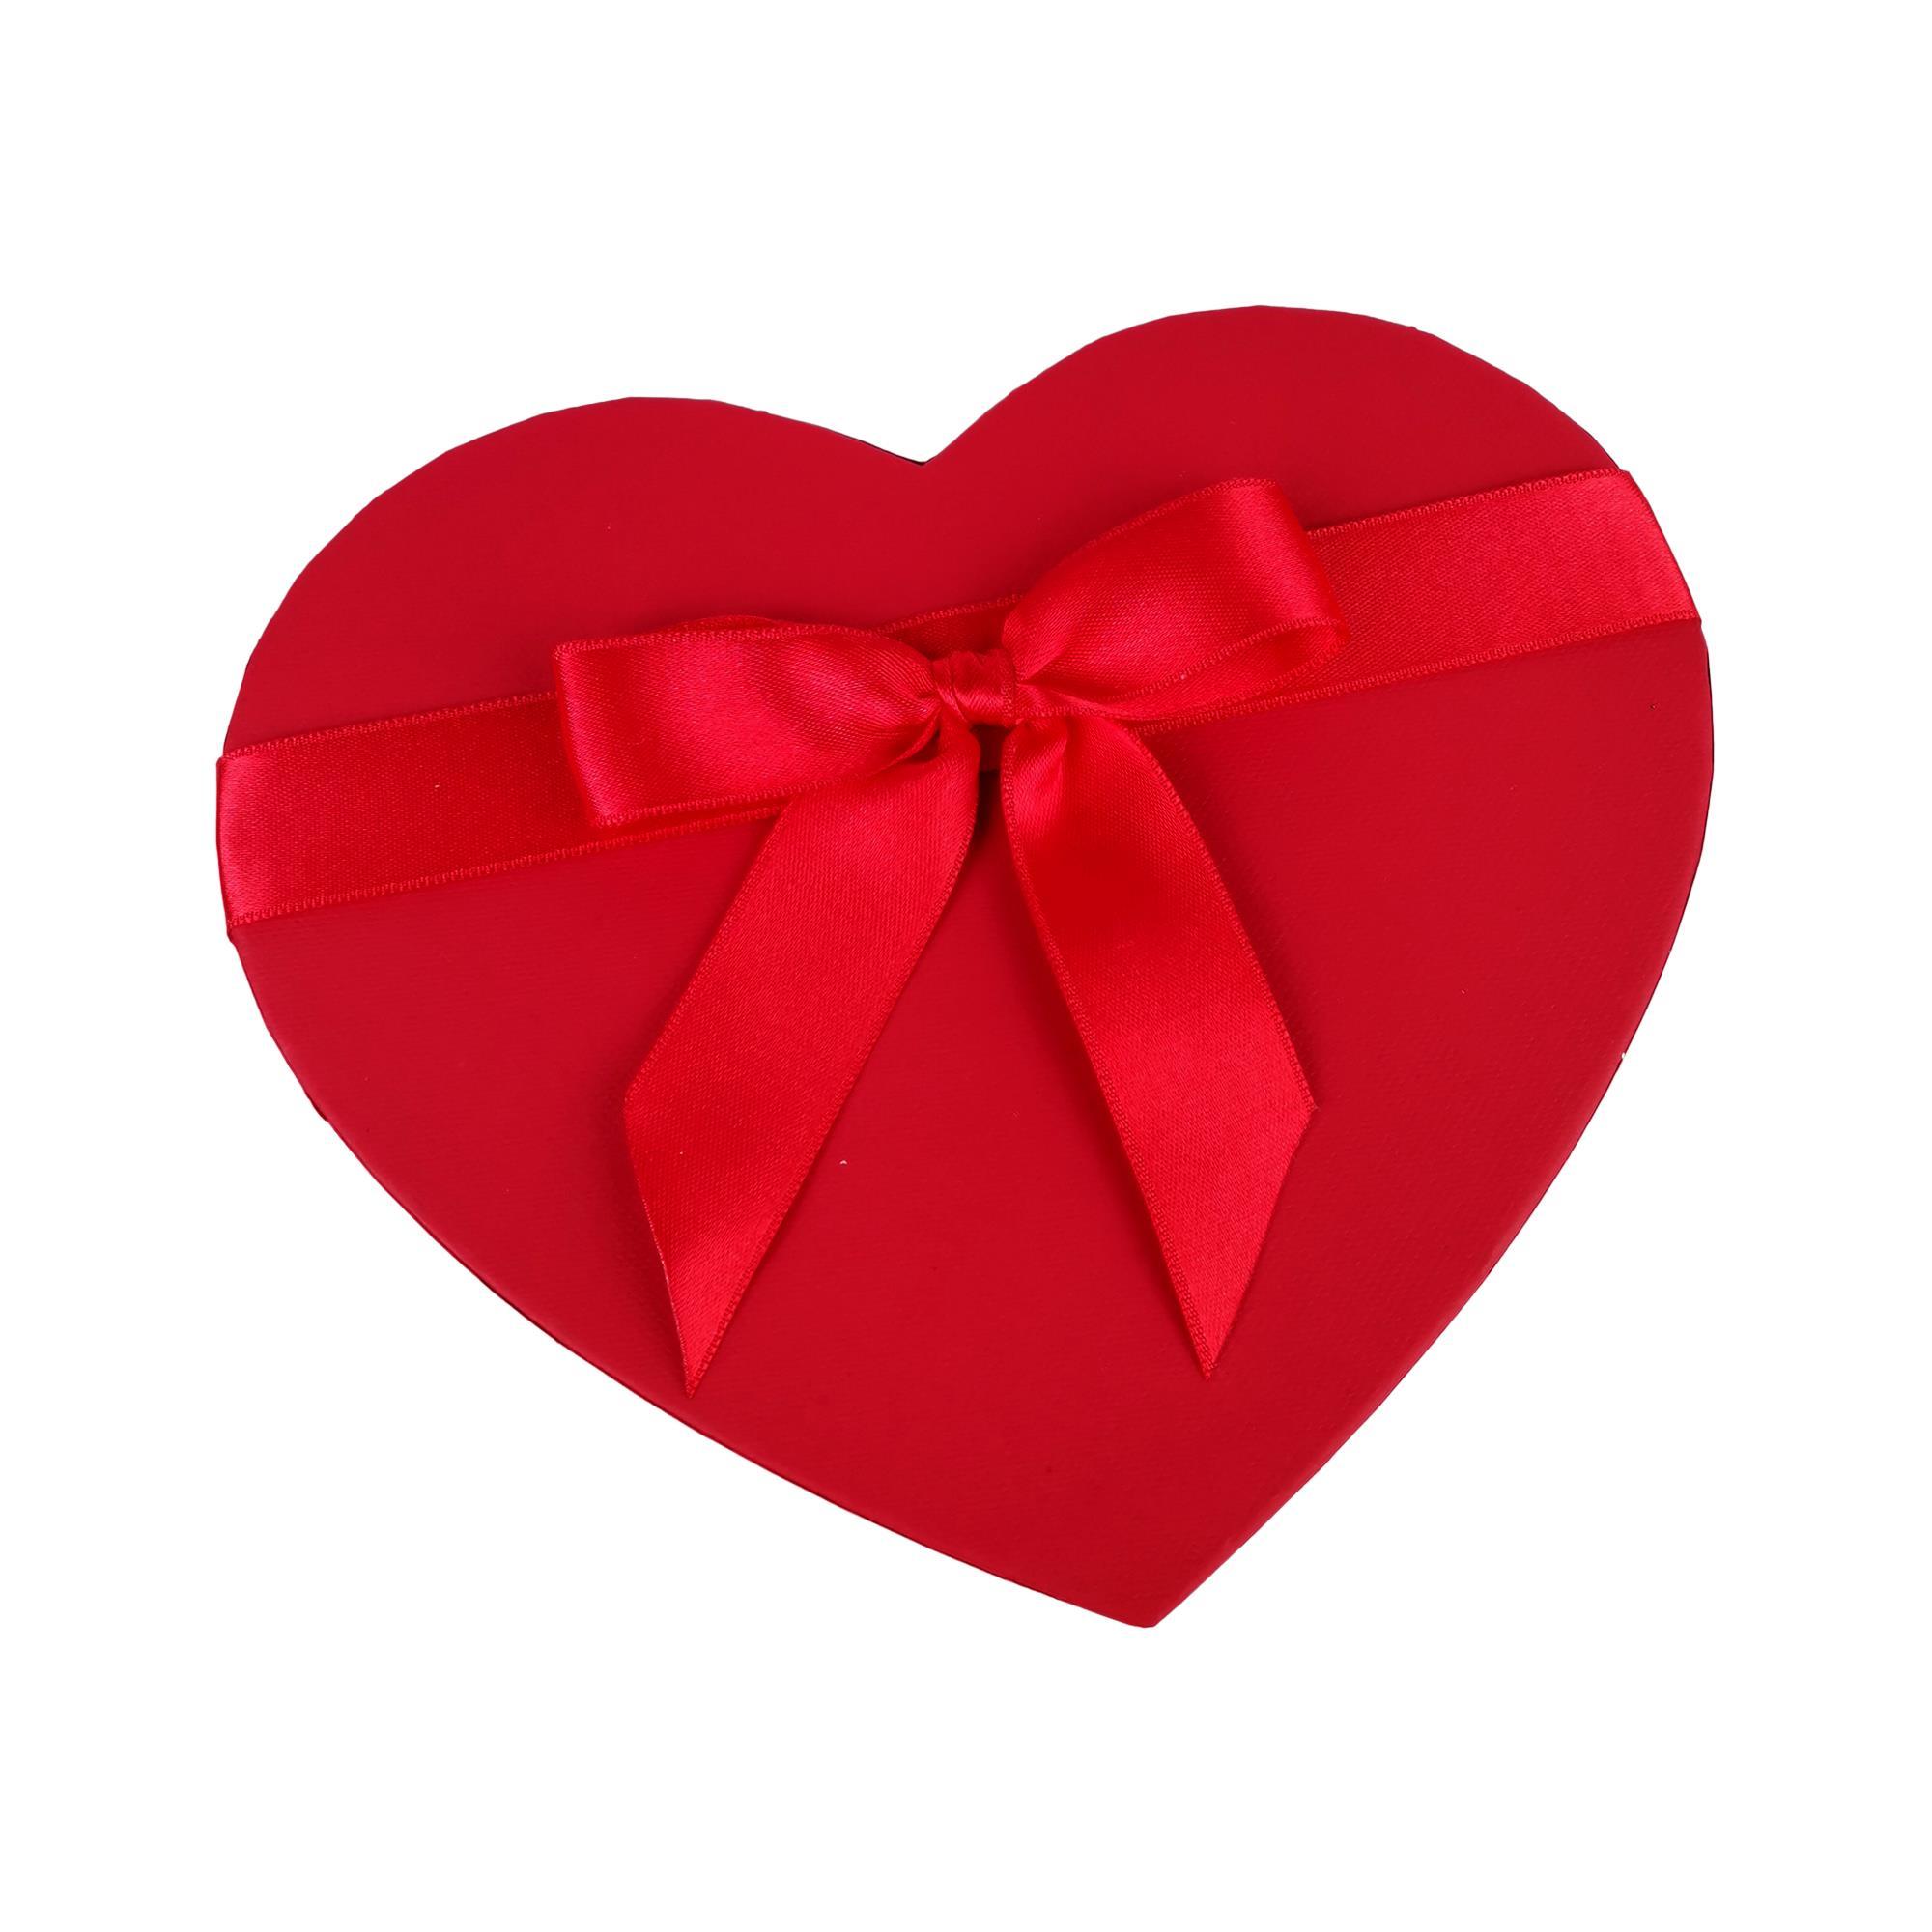 Sevgiliye Özel Kalp Kutulu Ferrero Rocher ve Gül Hediye Kutusu